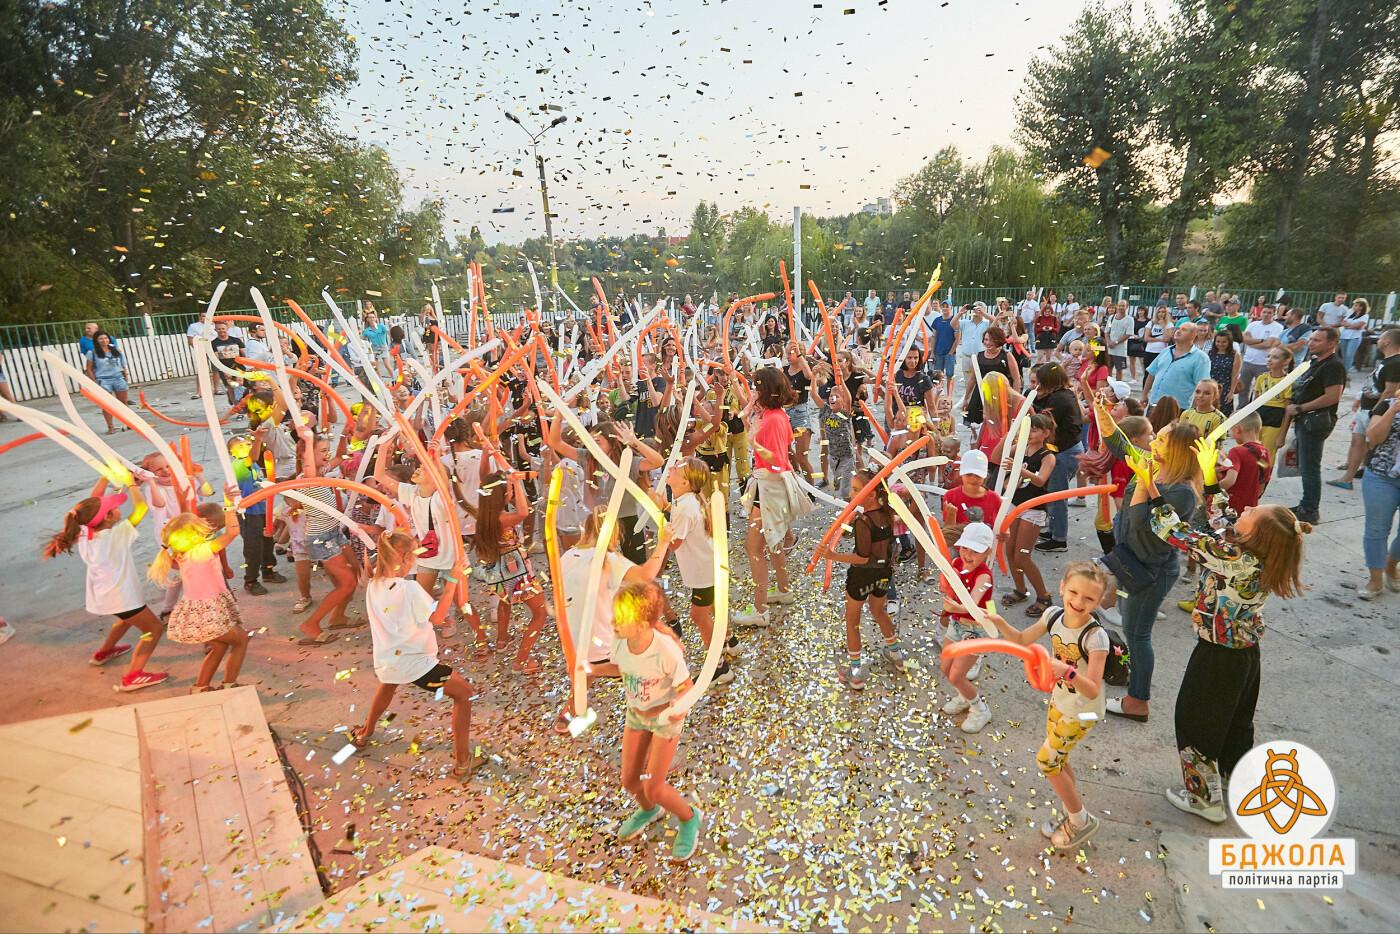 В Центральном и Левобережном парках Каменского прошли мероприятия от партии «Бджола», фото-2